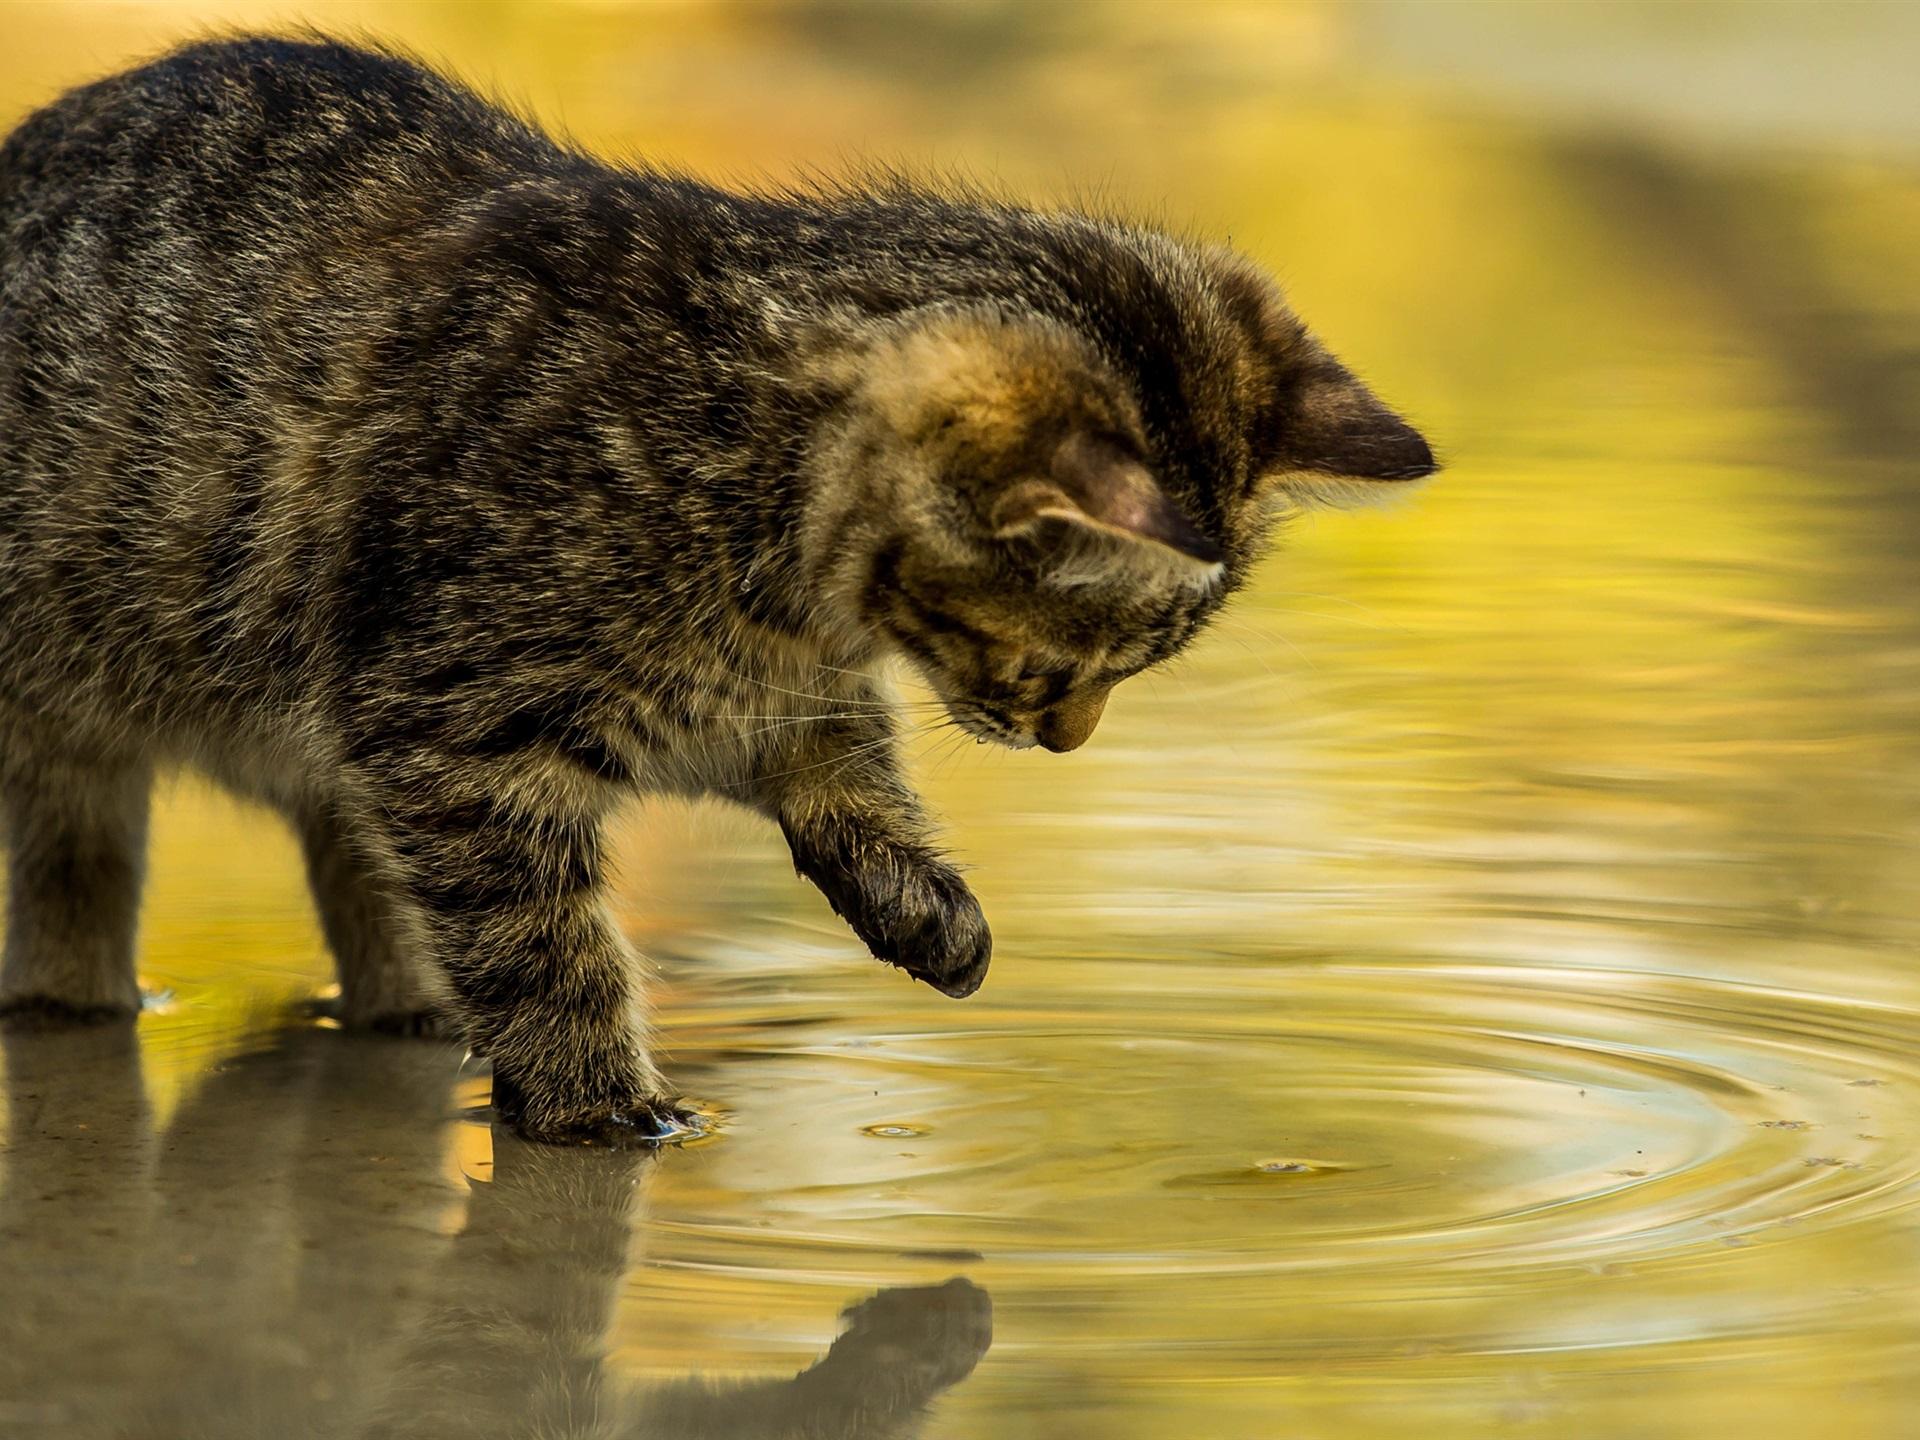 壁紙 子猫タッチ水 2560x1600 Hd 無料のデスクトップの背景 画像